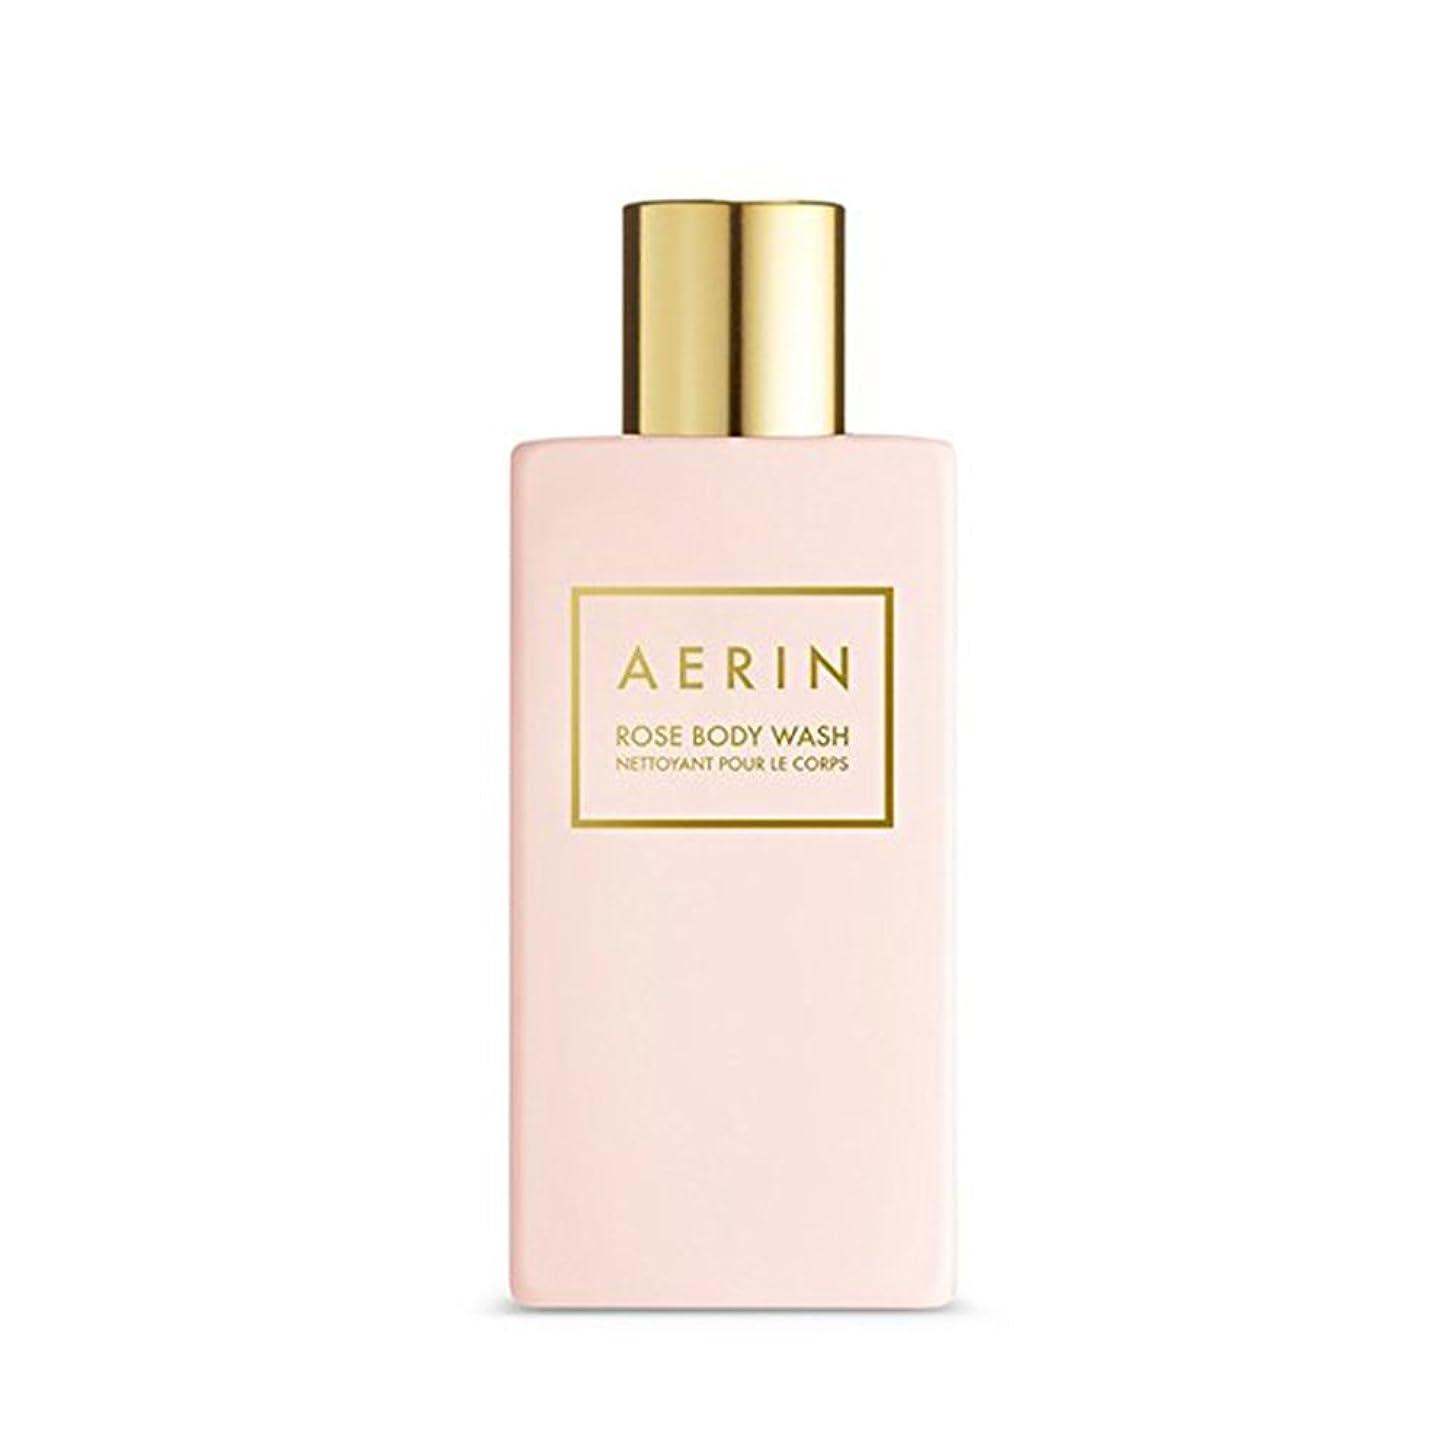 サロン農場ちょっと待ってAERIN Rose Body Wash(アエリン ローズ ボディー ウオッシュ) 7.6 oz (225ml) by Estee Lauder